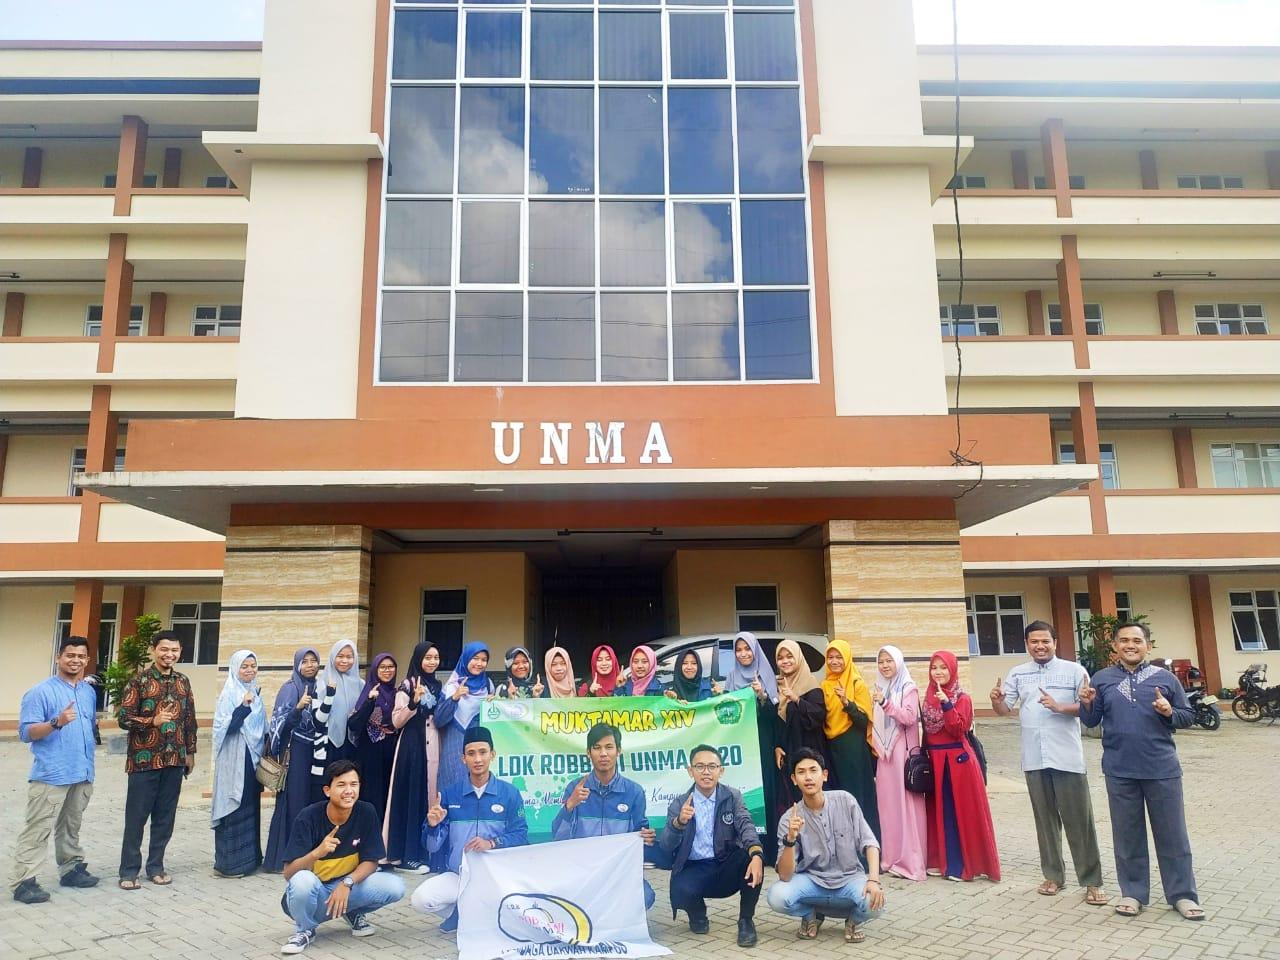 Pemimpin Baru UKM LDK Robbani Unma Banten